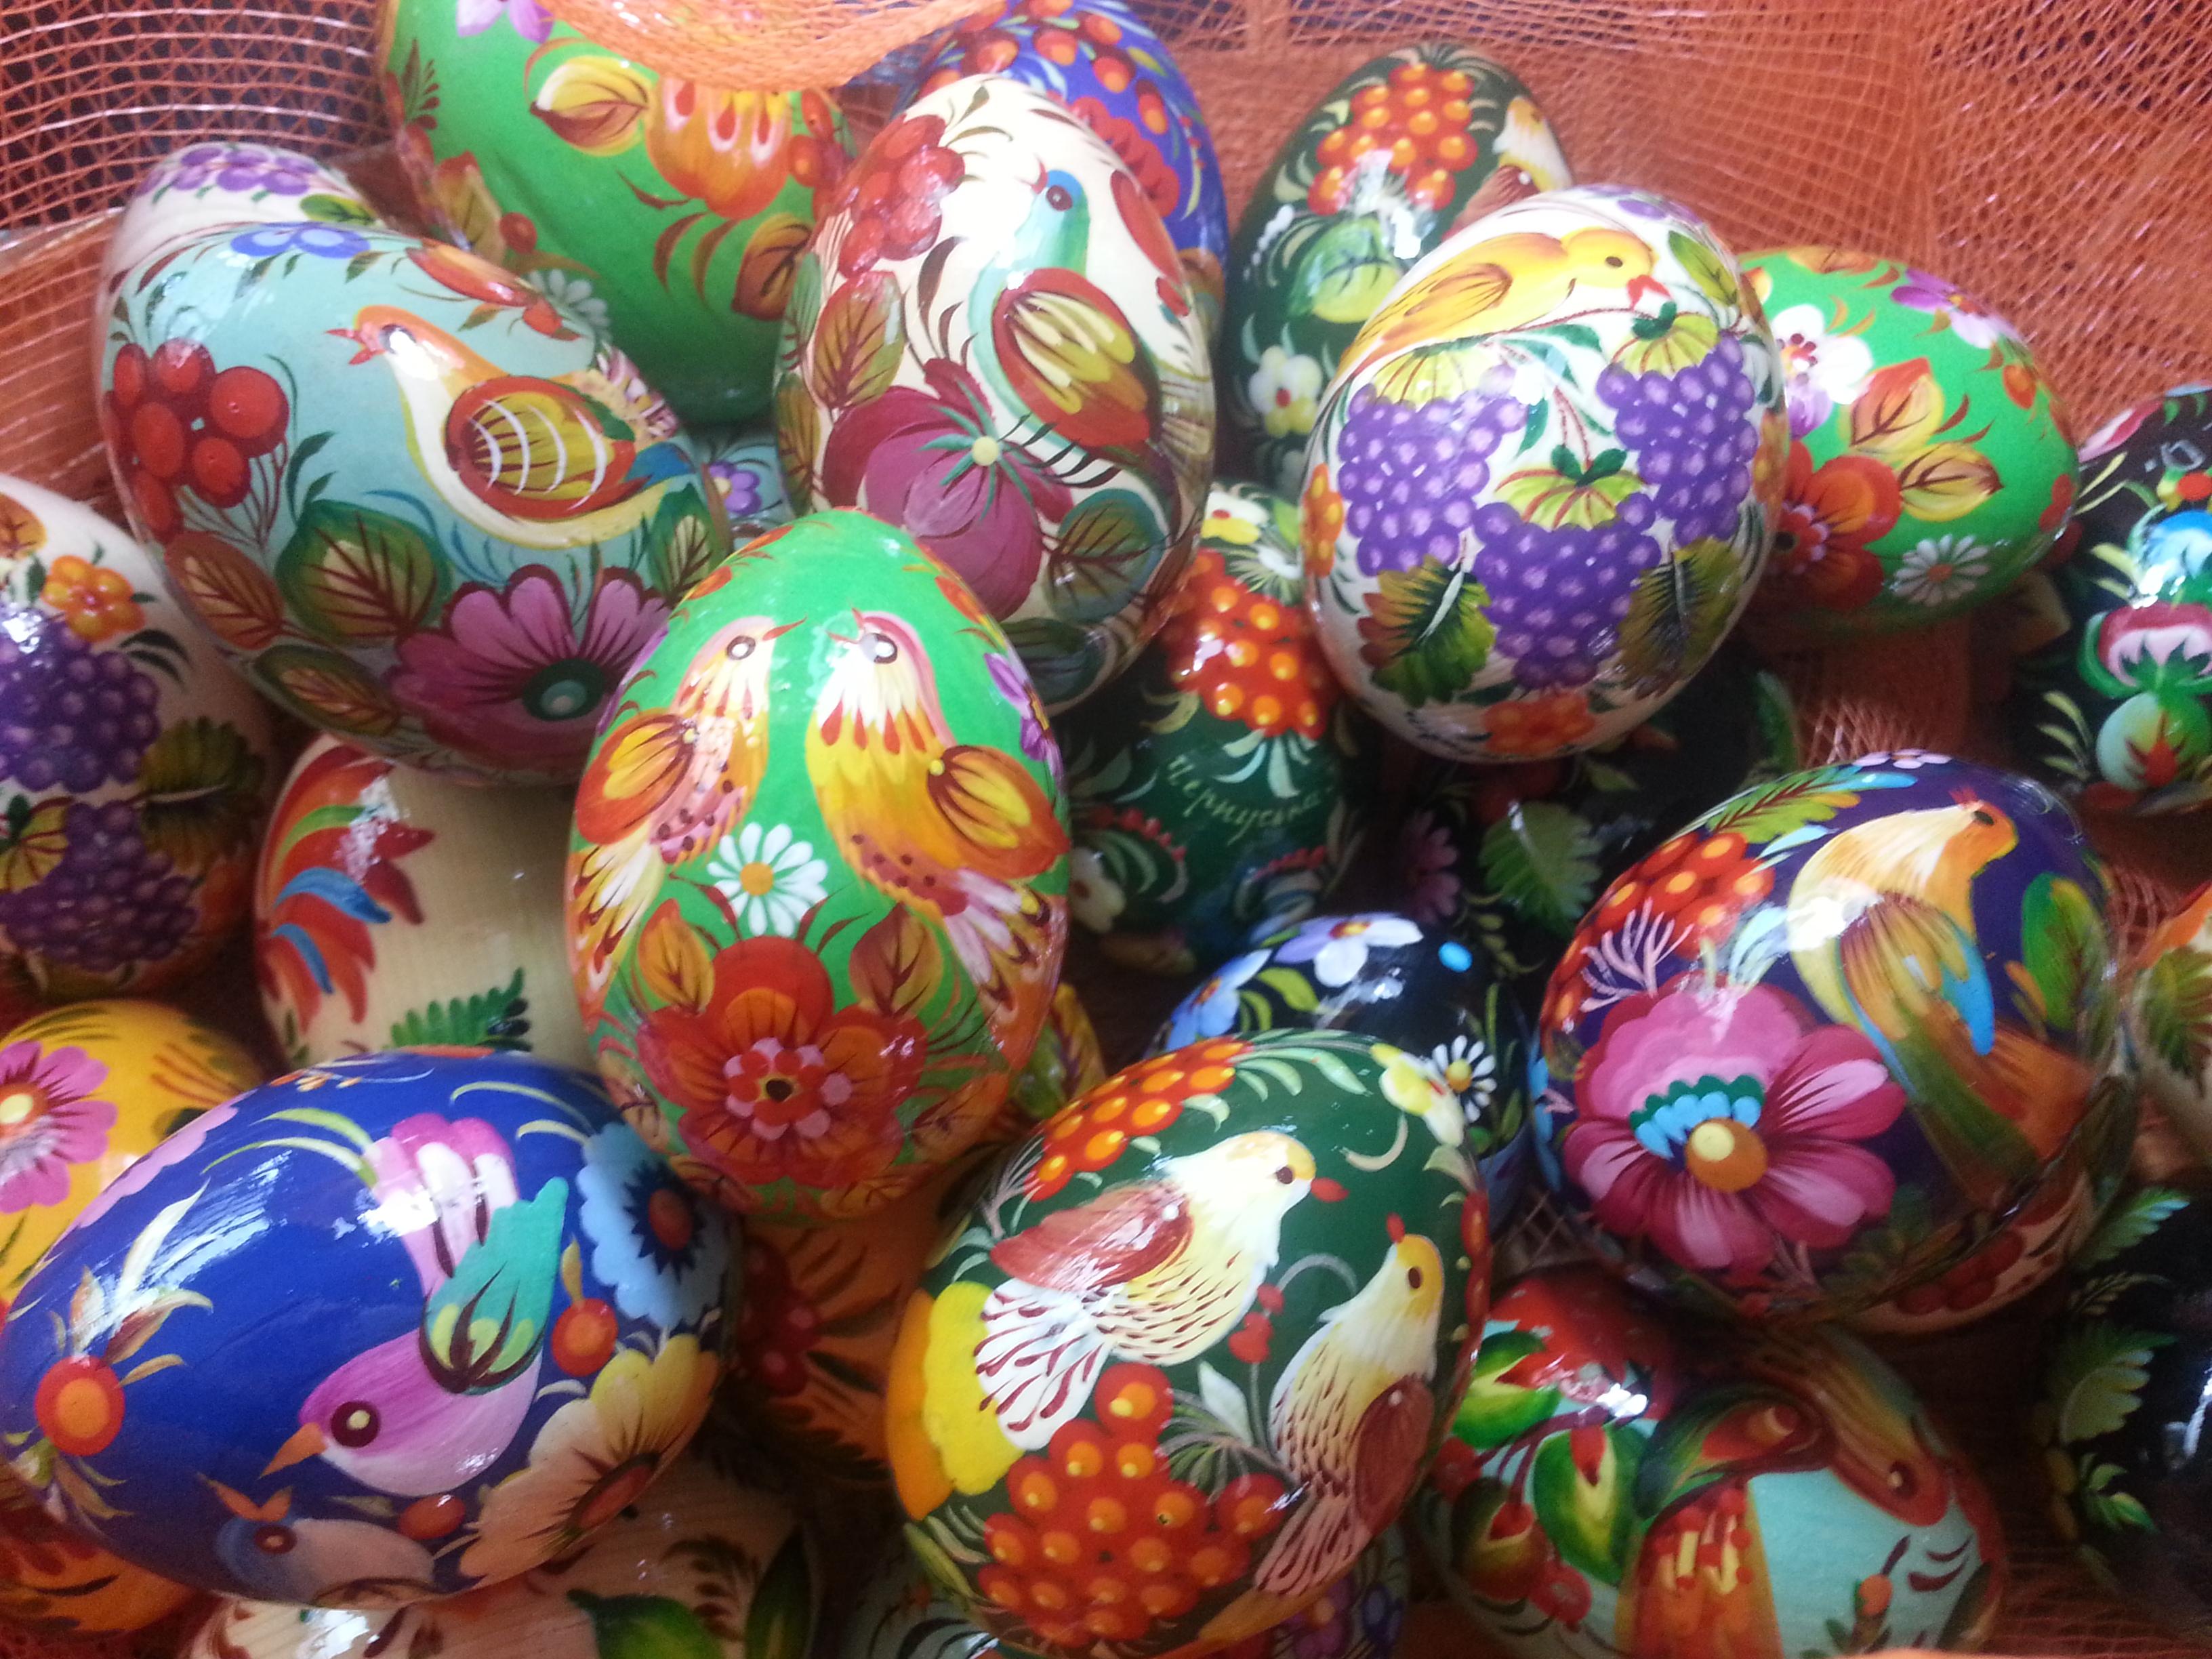 E 39 arrivato un carico di uova pasquali associazione - Uova di pasqua decorati a mano ...